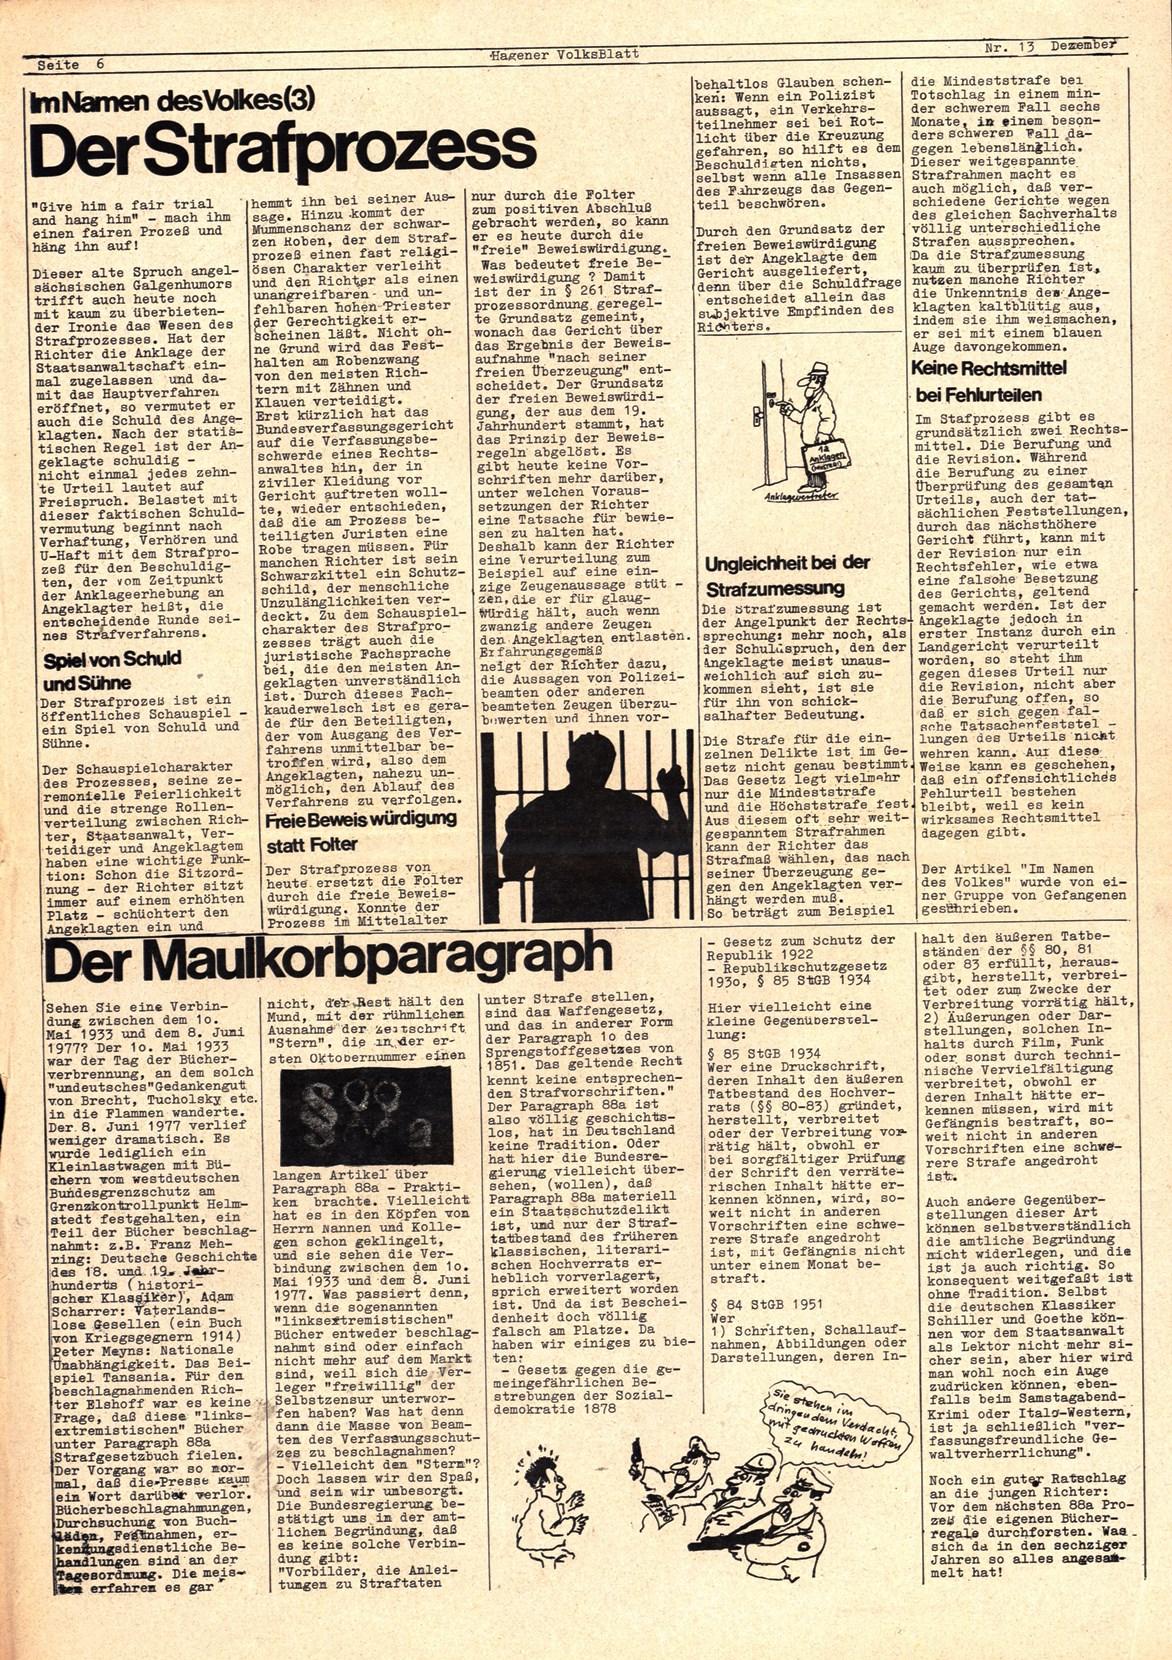 Hagen_Volksblatt_19771200_06